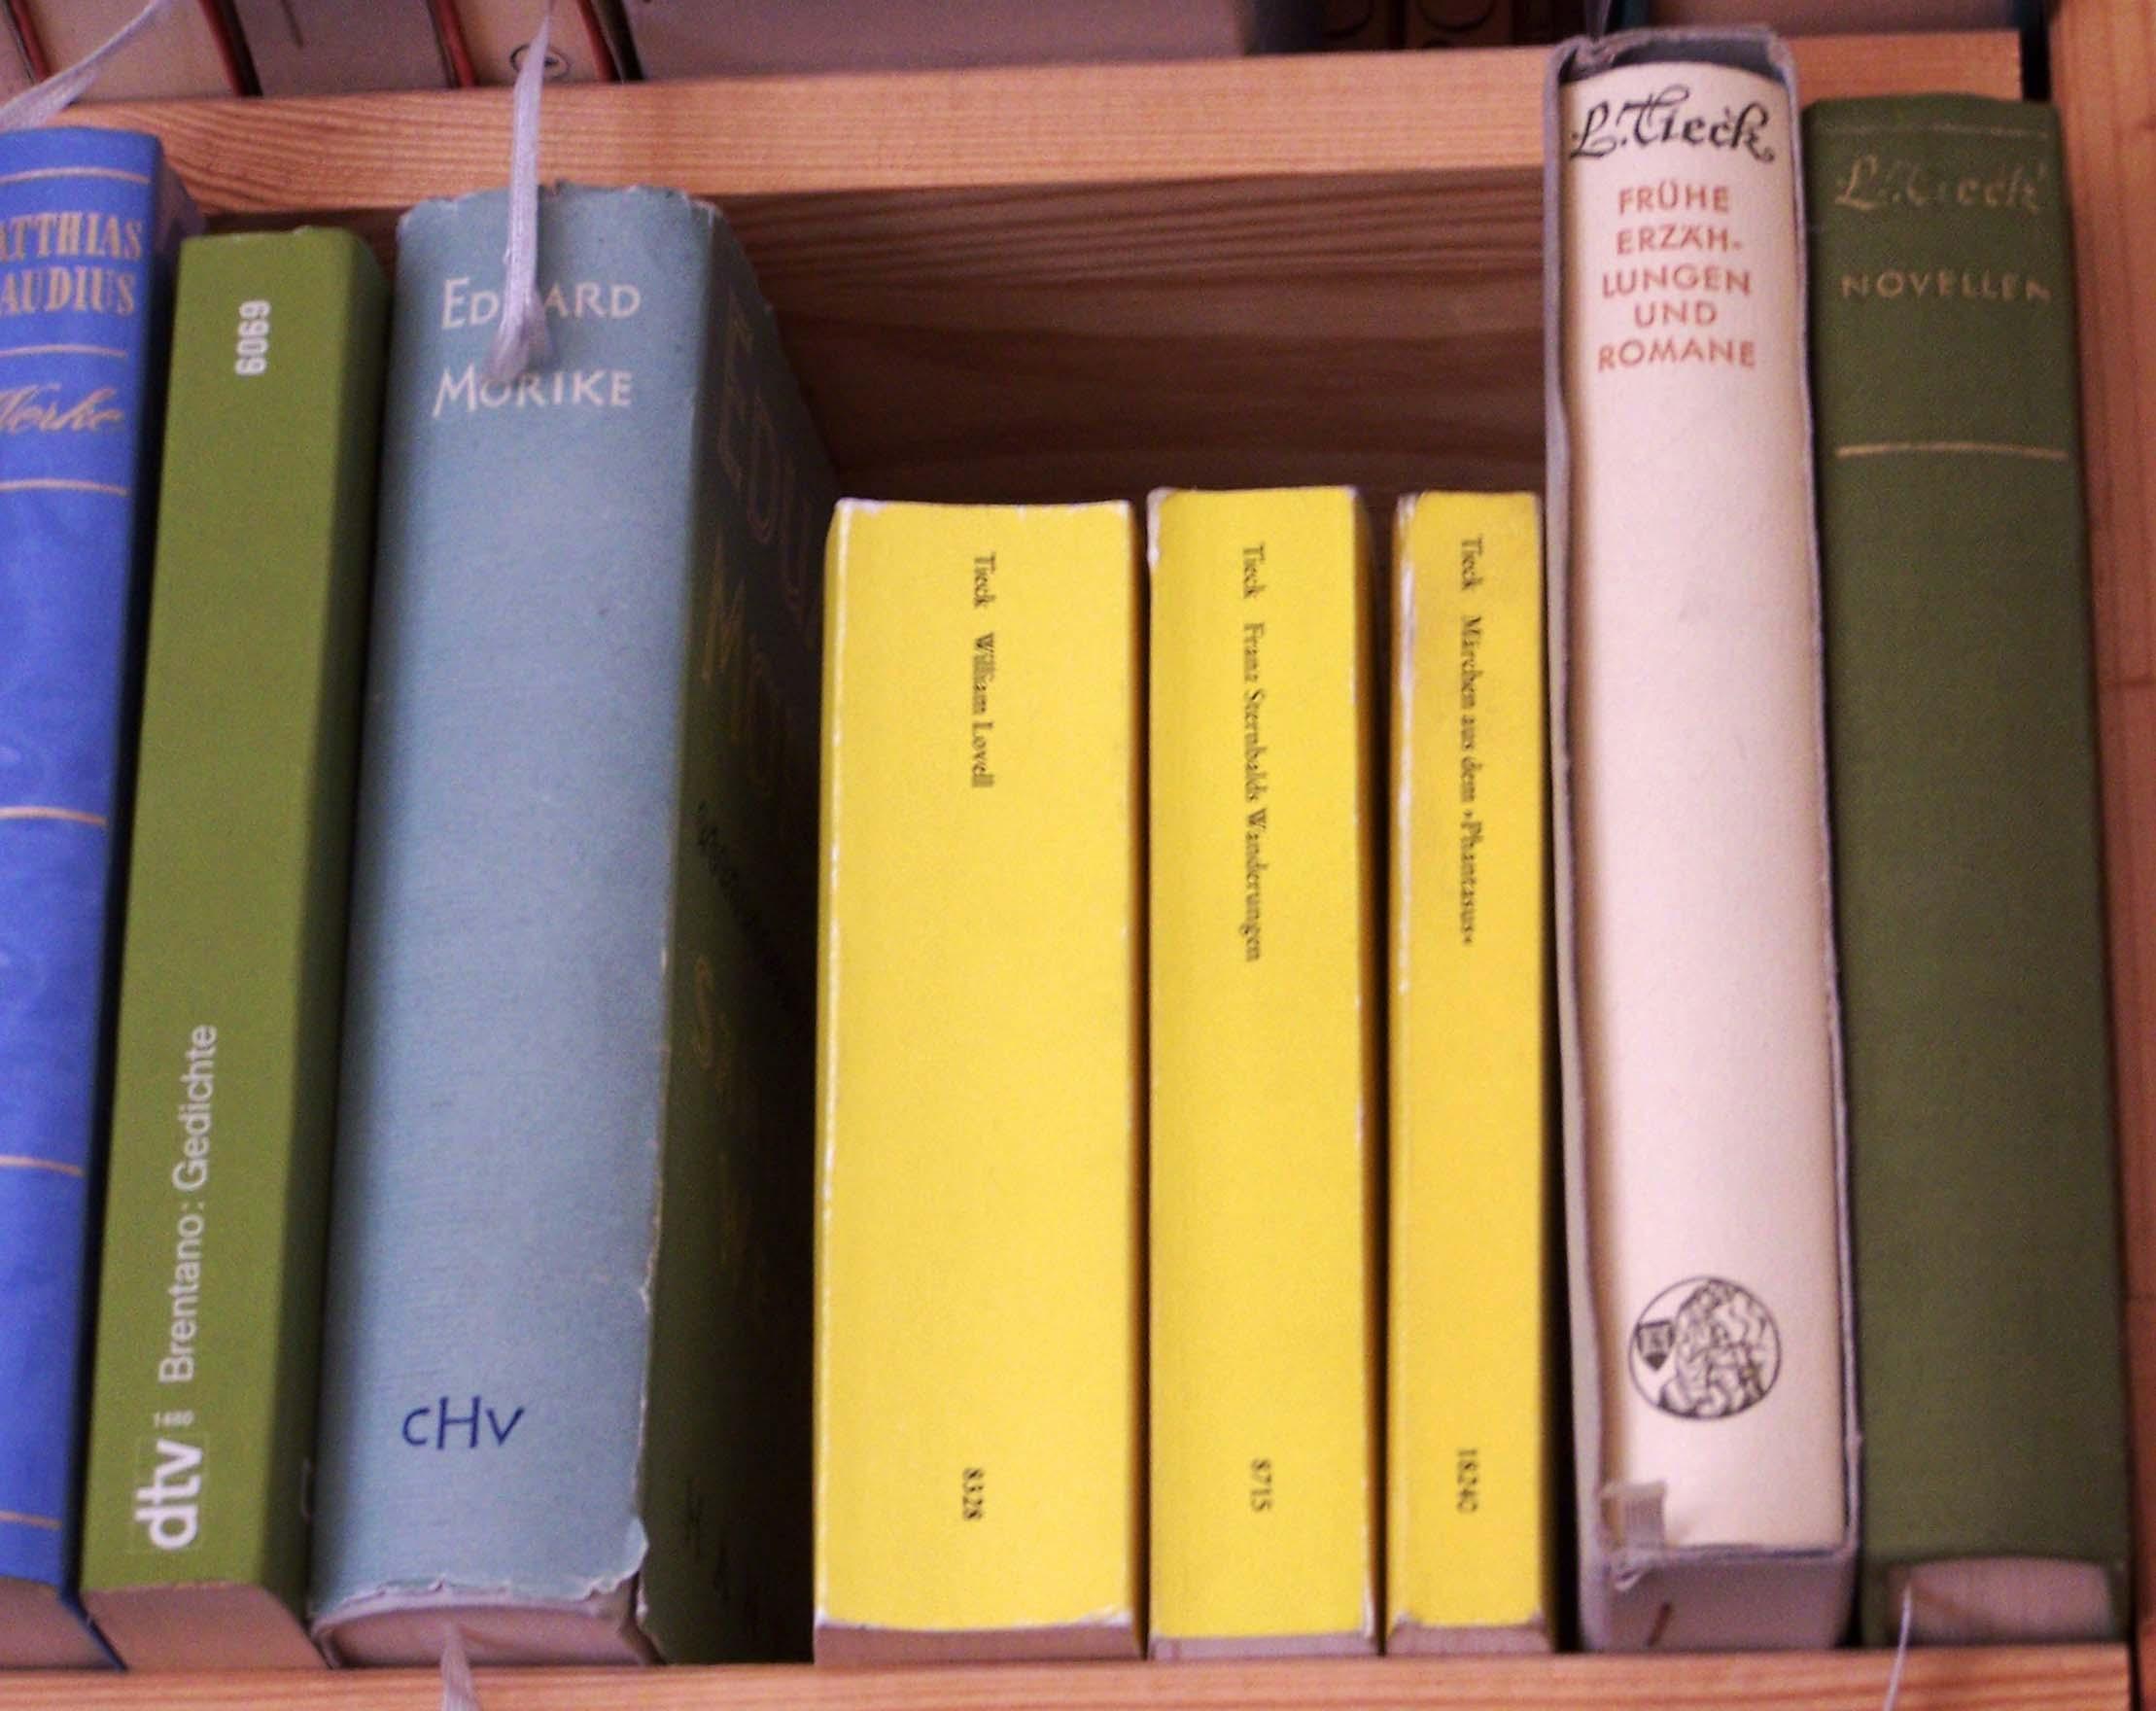 Ludwig Tieck, Bücherregal